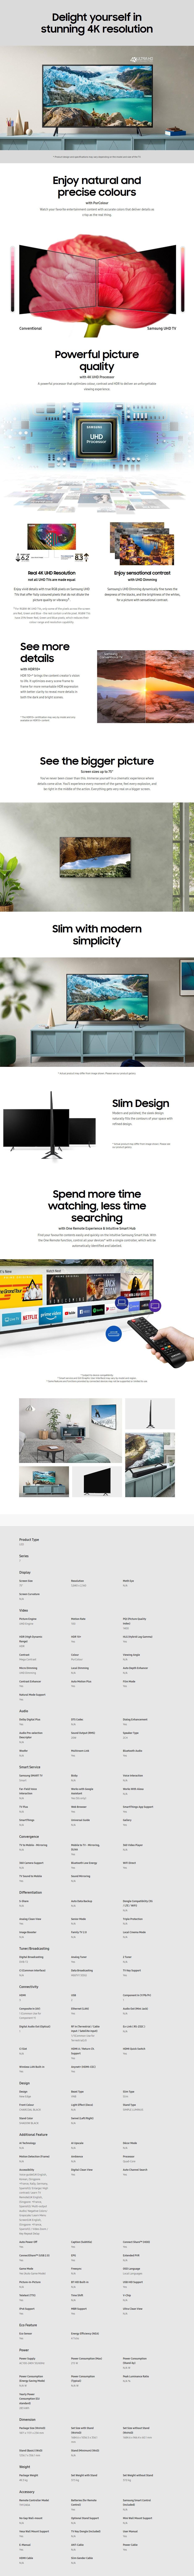 """Samsung Series 7 RU7100 75"""" 4K UHD Smart LED TV - 2019 Model - Desktop Overview 1"""